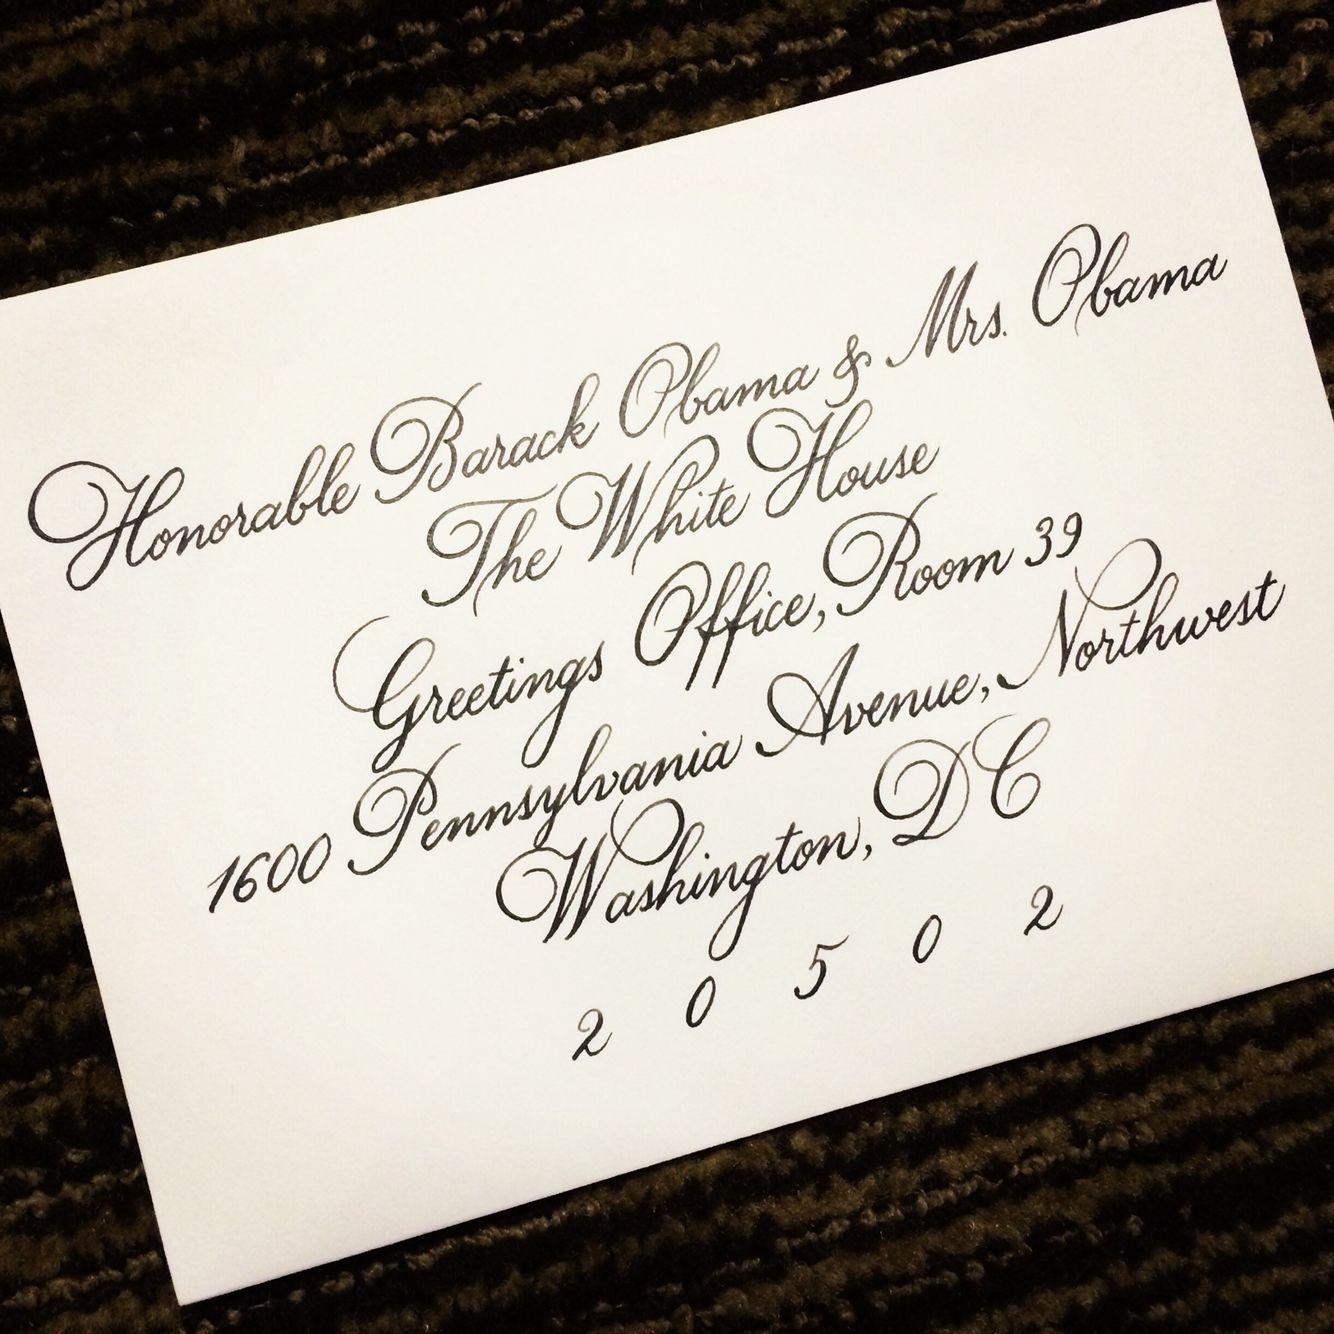 Wedding Invitation Headed To The White House Denverdesignstudio